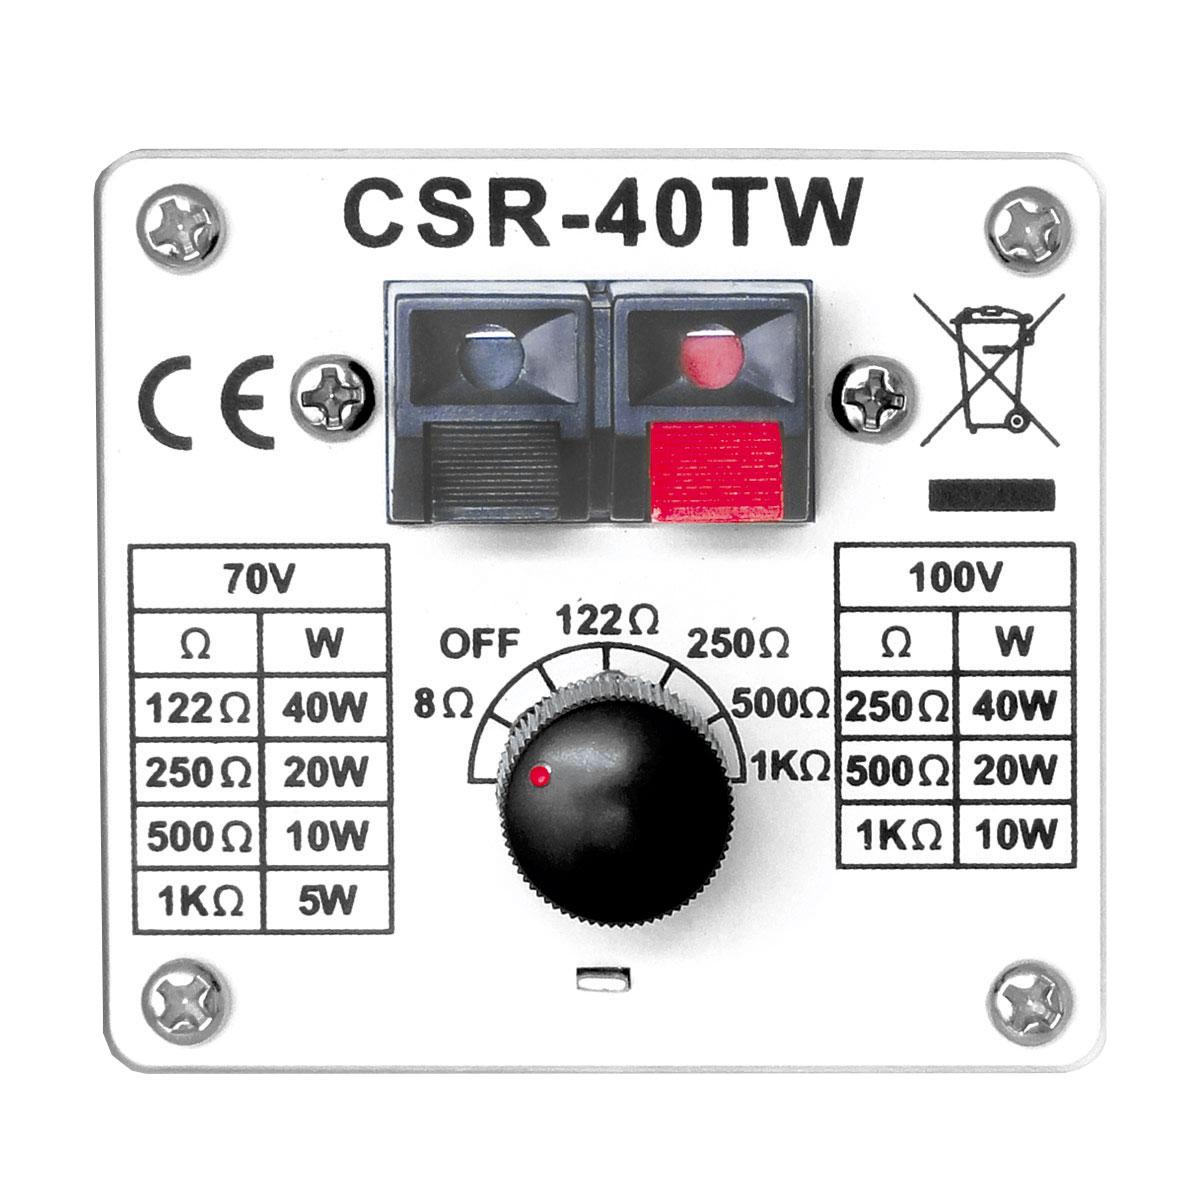 Caixa Passiva p/ Som Ambiente Fal 4 Pol 40W c/ Suporte (Par) - 40 TW CSR